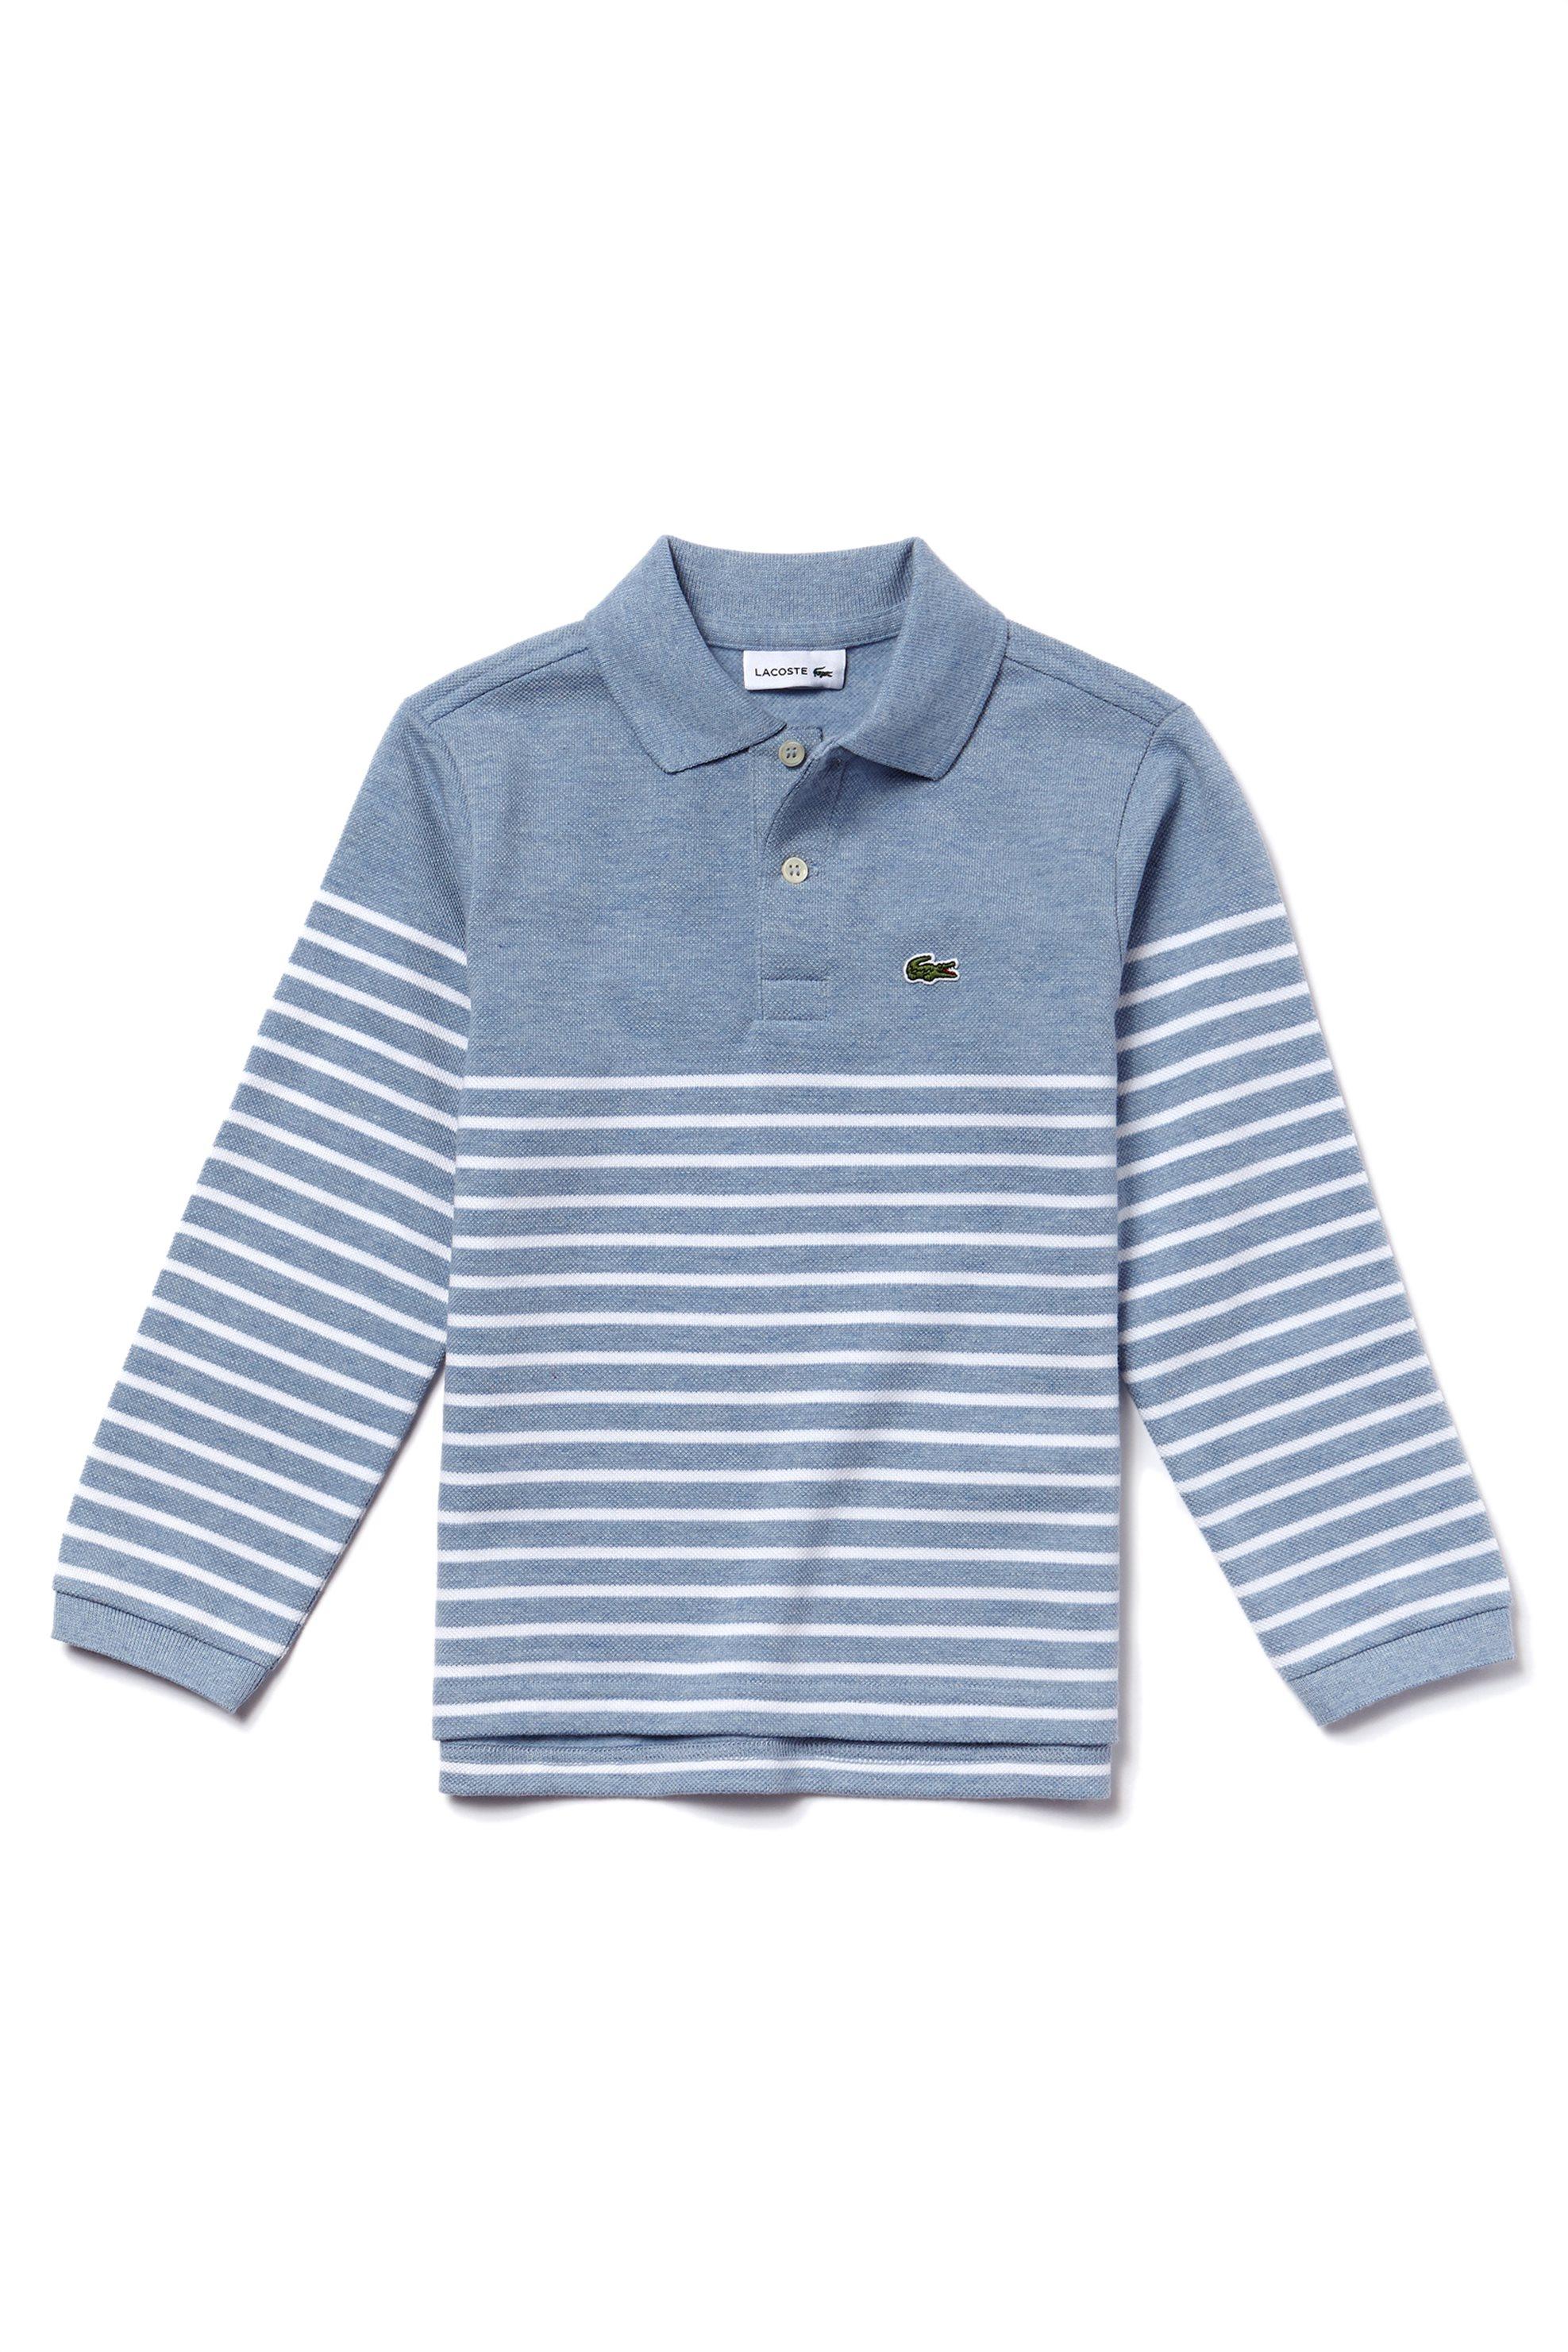 Notos Παιδική μπλούζα Lacoste - PJ8914 - Γαλάζιο 67970aaa24a